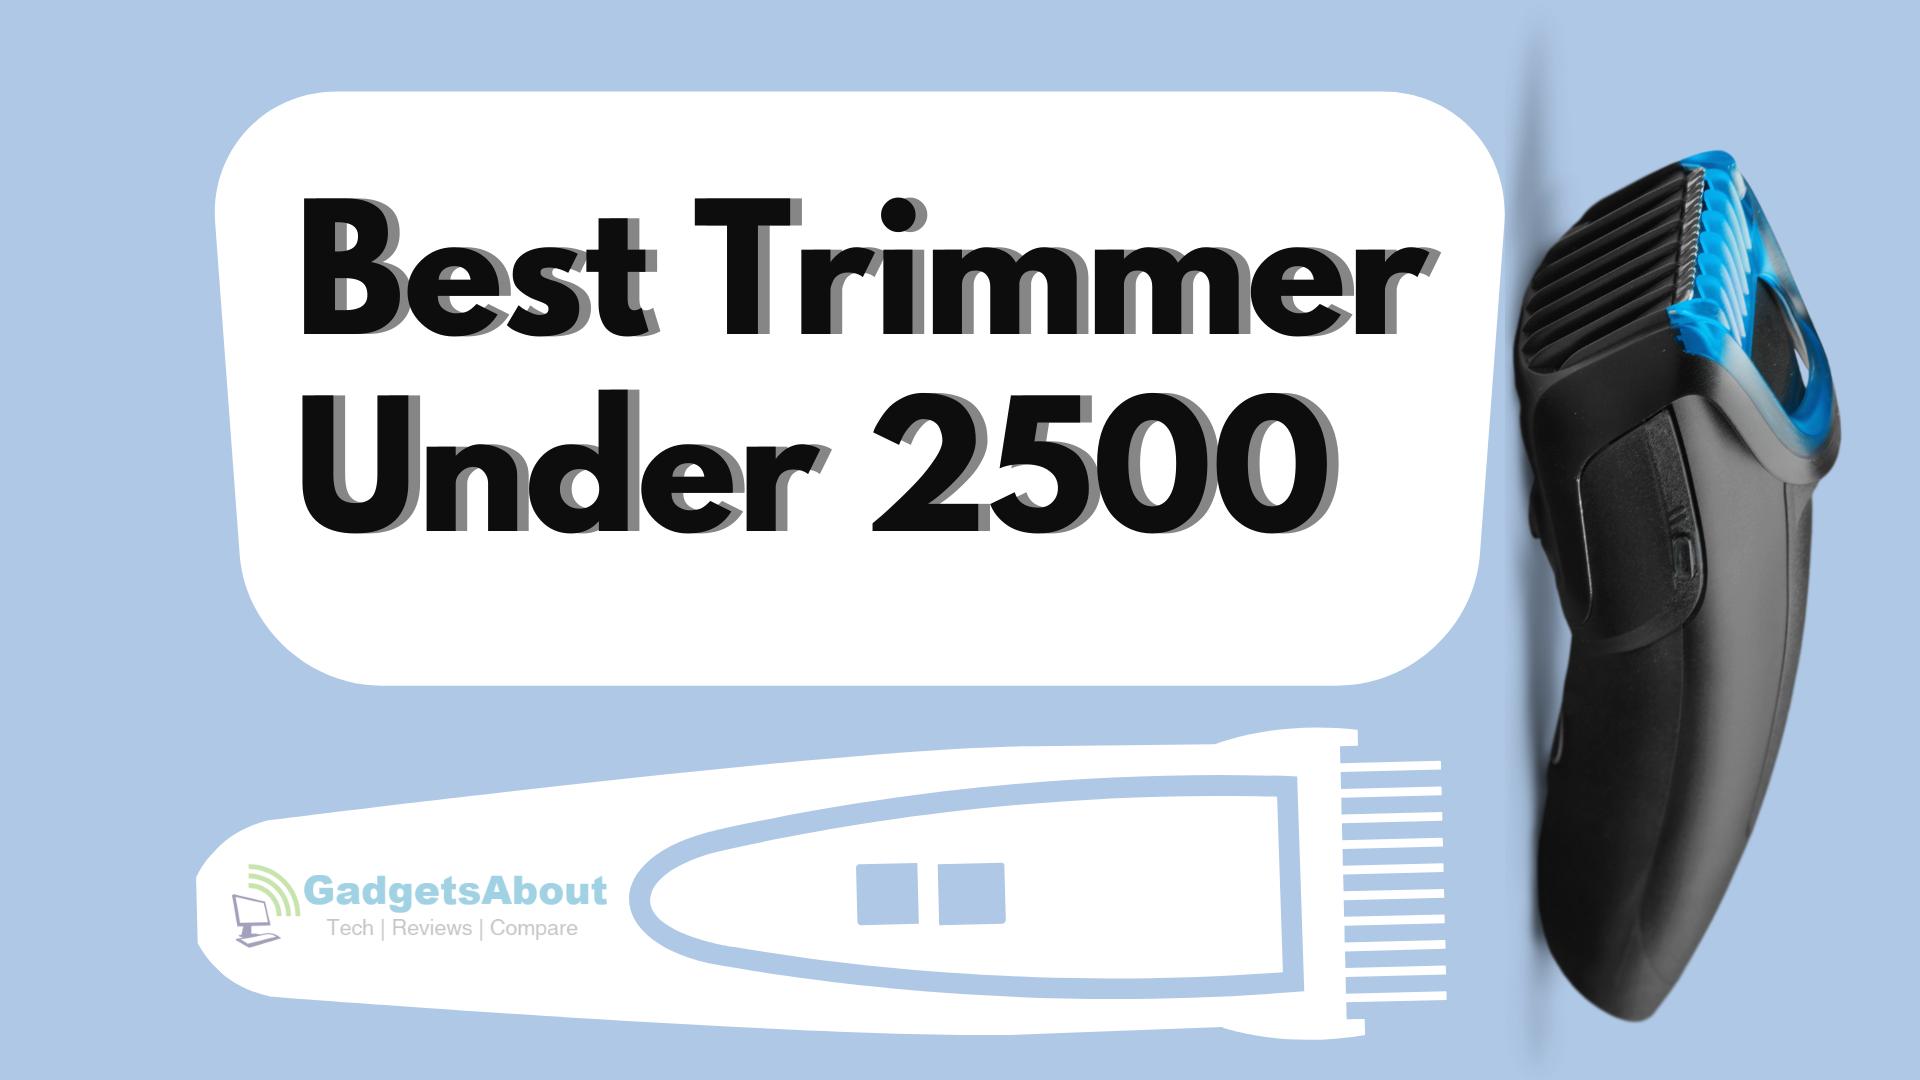 Best Trimmer under 2500